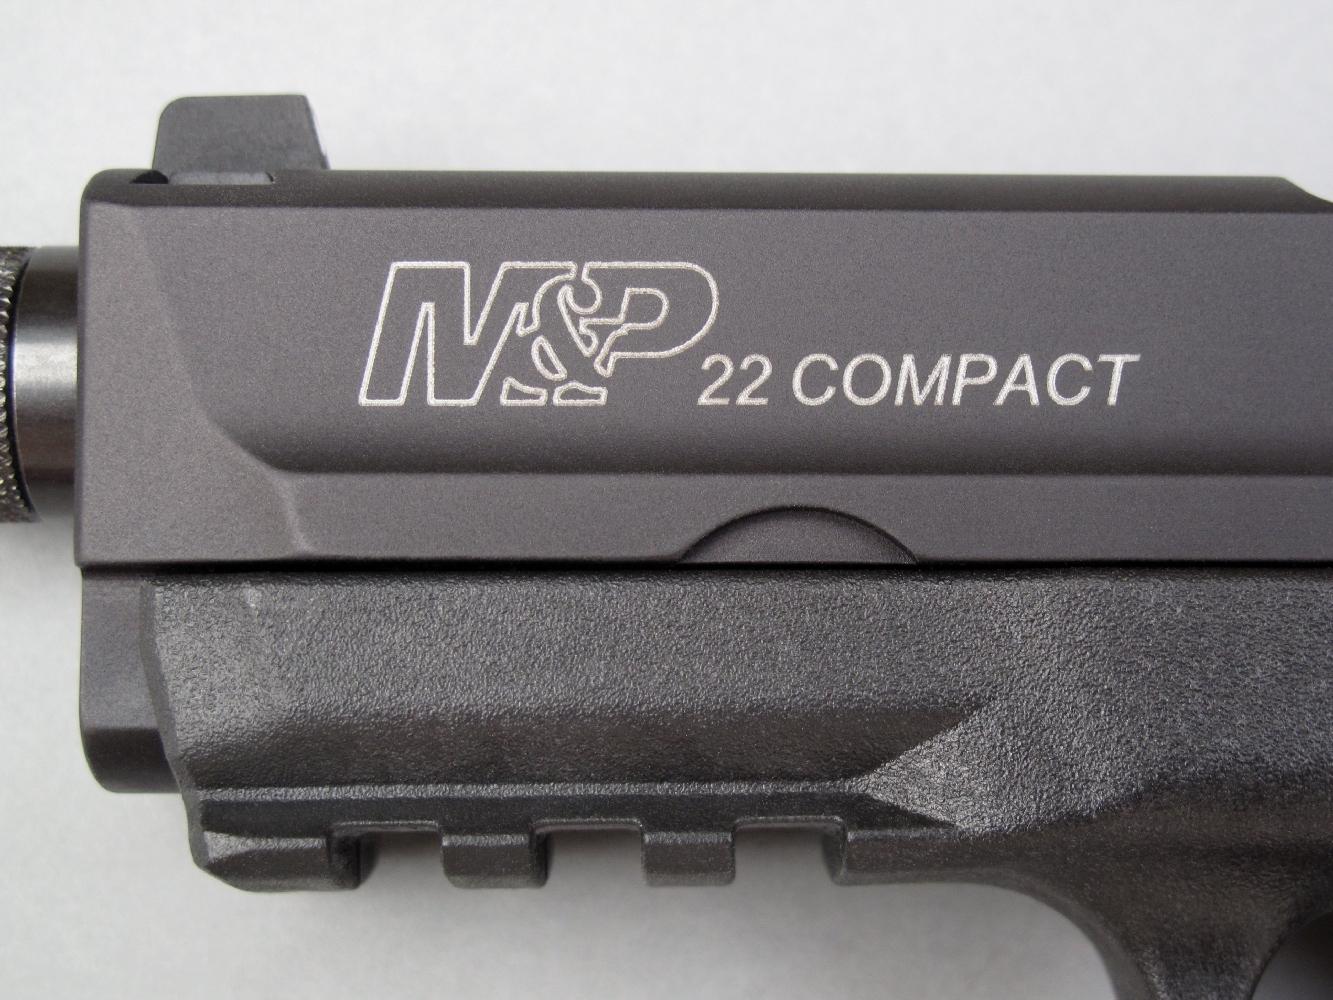 La désignation du modèle est finement gravée au laser sur le côté gauche de la glissière, soulignée par une discrète couleur argentée.